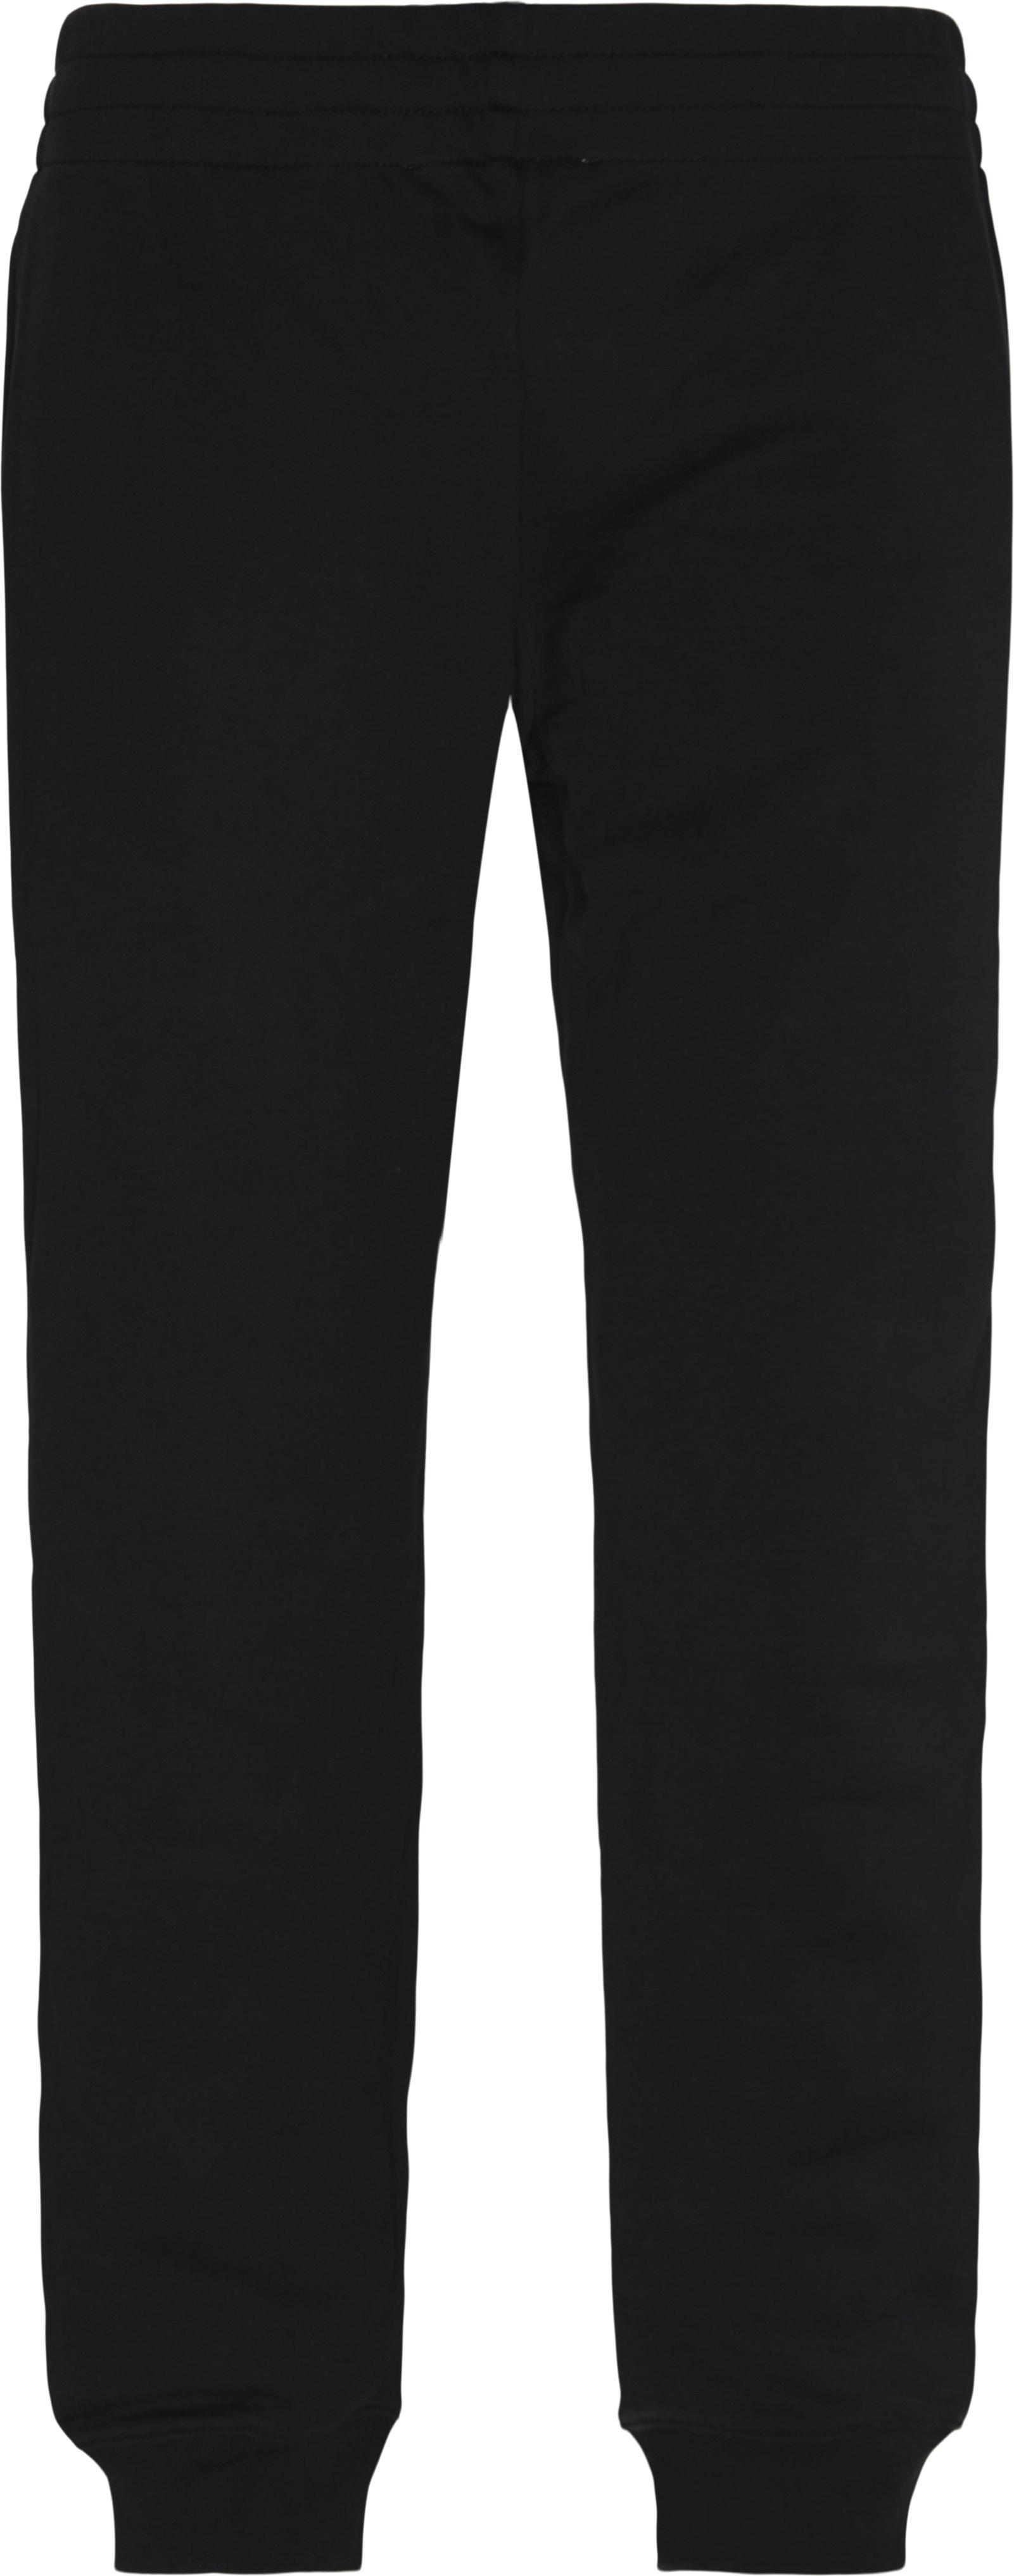 Sweatpants - Bukser - Custom fit - Sort